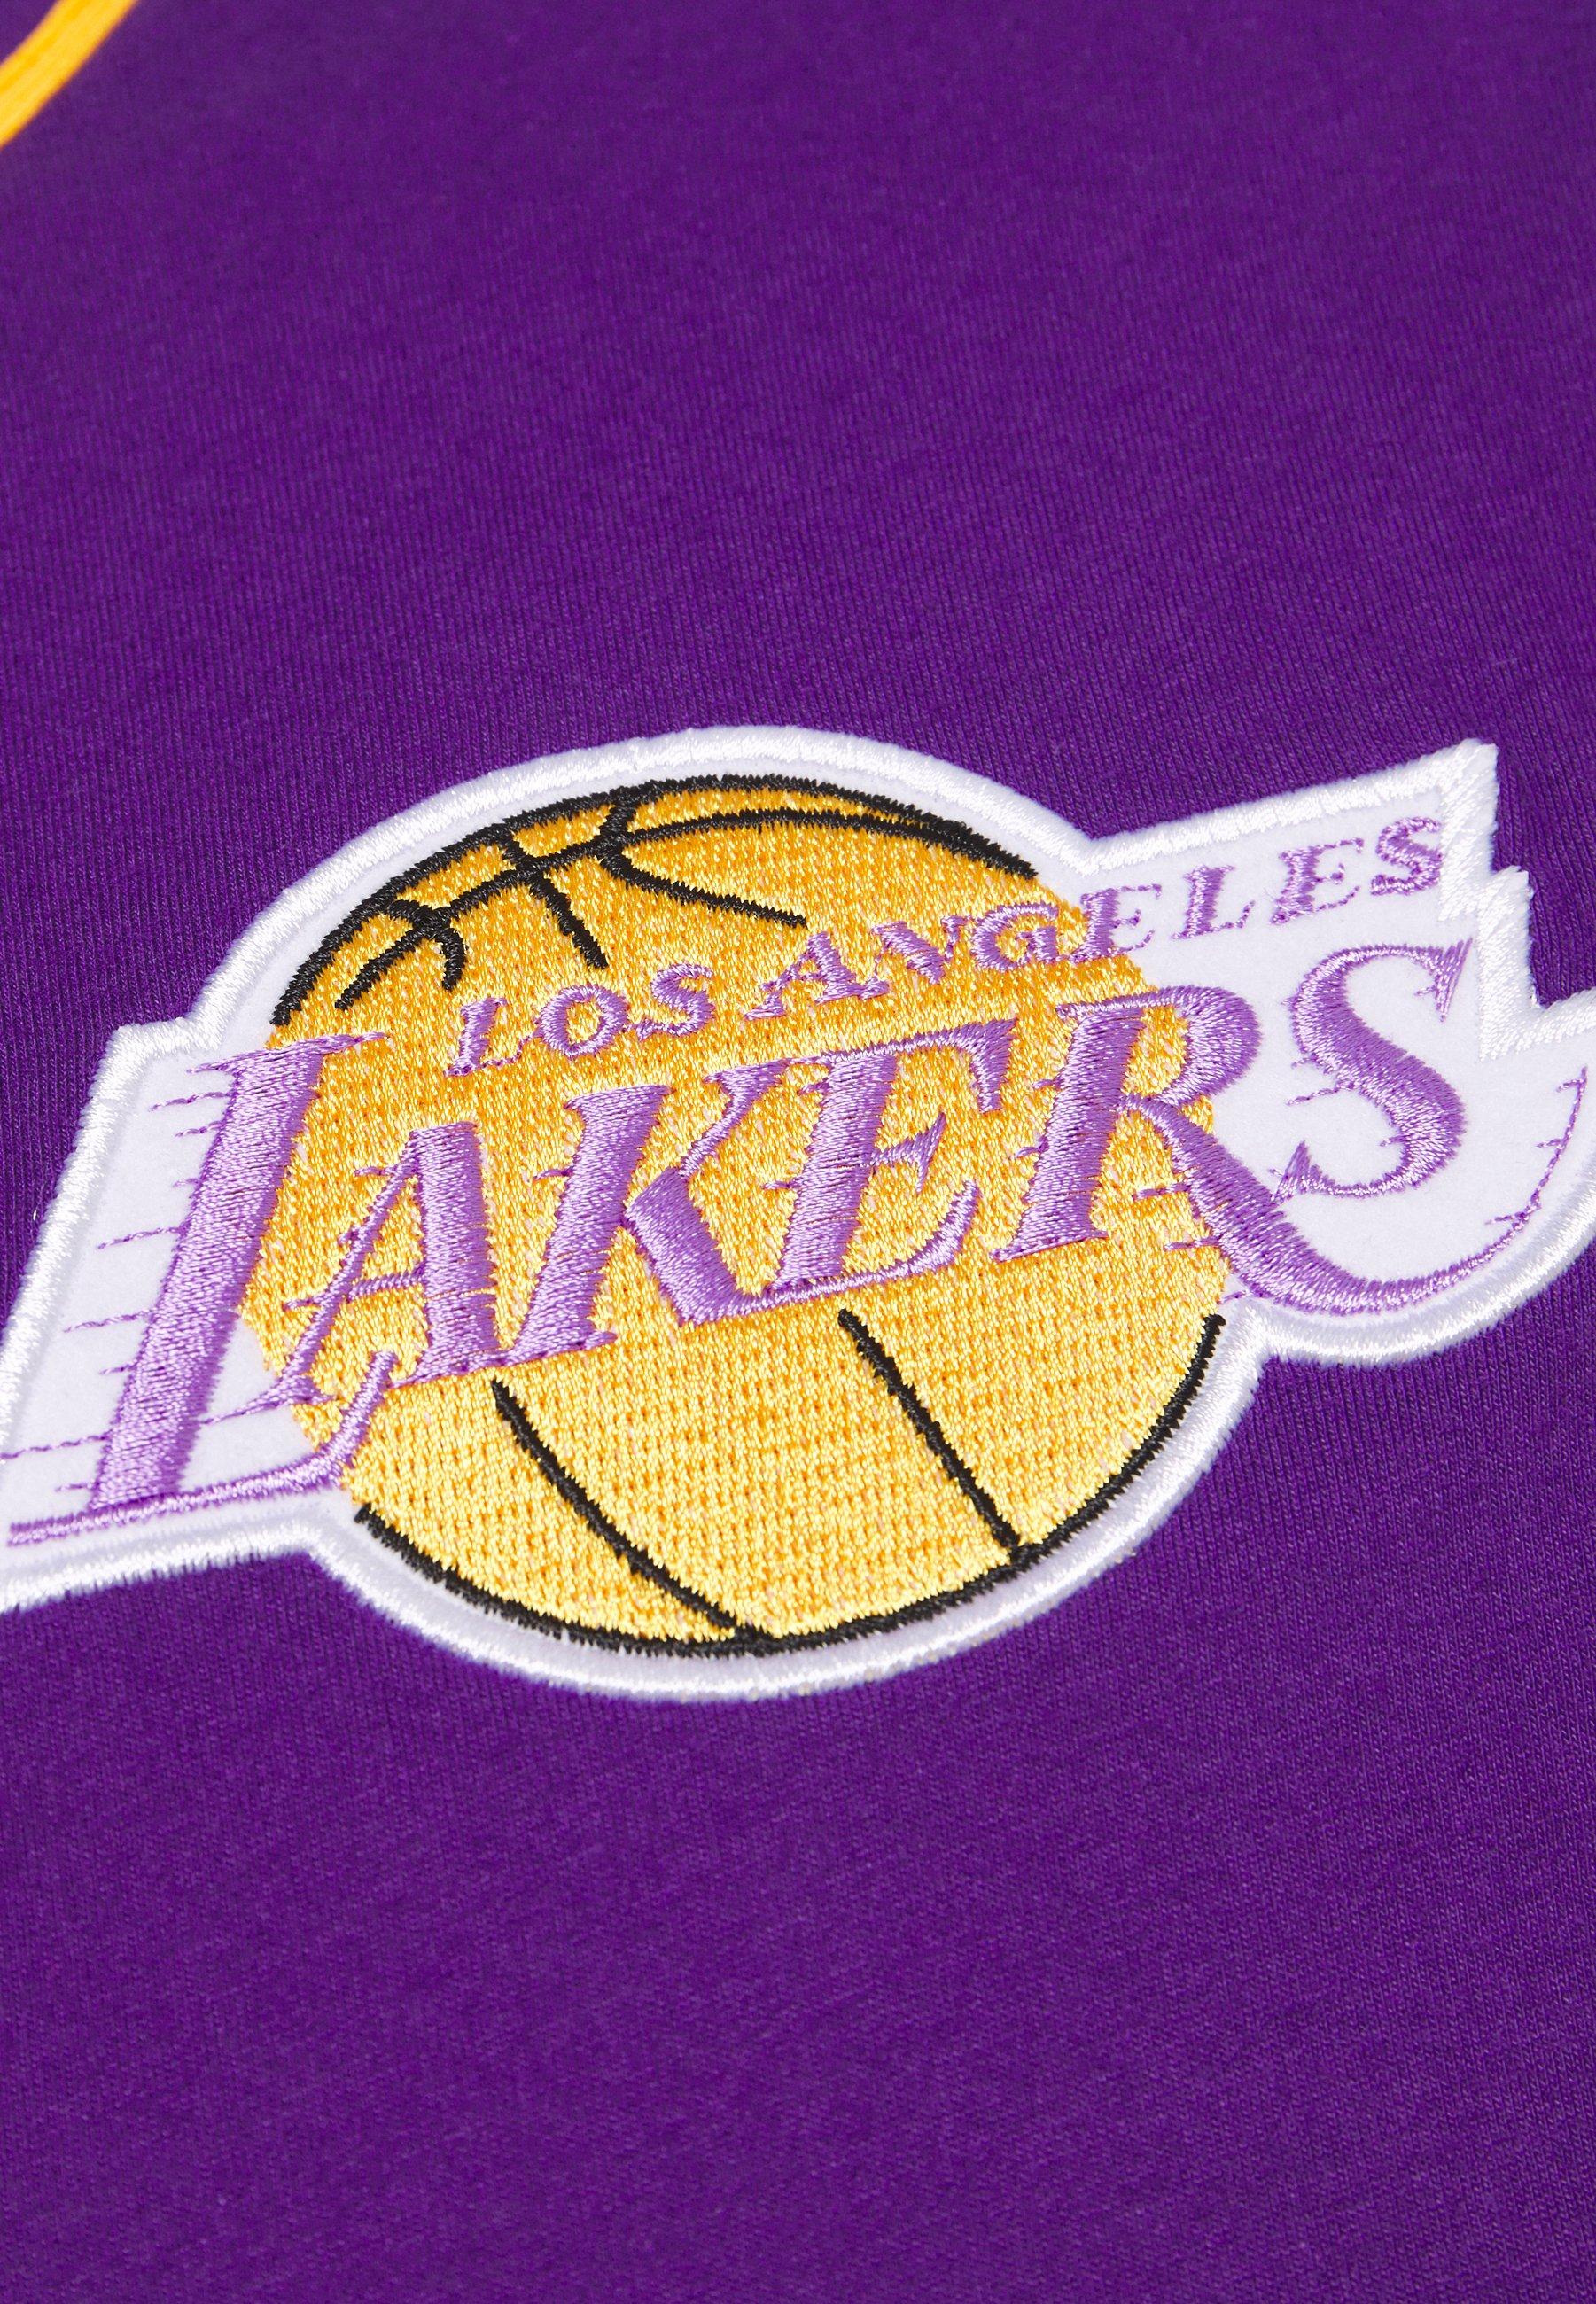 2020 Unisex Miesten vaatteet Sarja dfKJIUp97454sfGHYHD Mitchell & Ness NBA LOS ANGELES LAKERS BUTTON FRONT Pelipaita purple